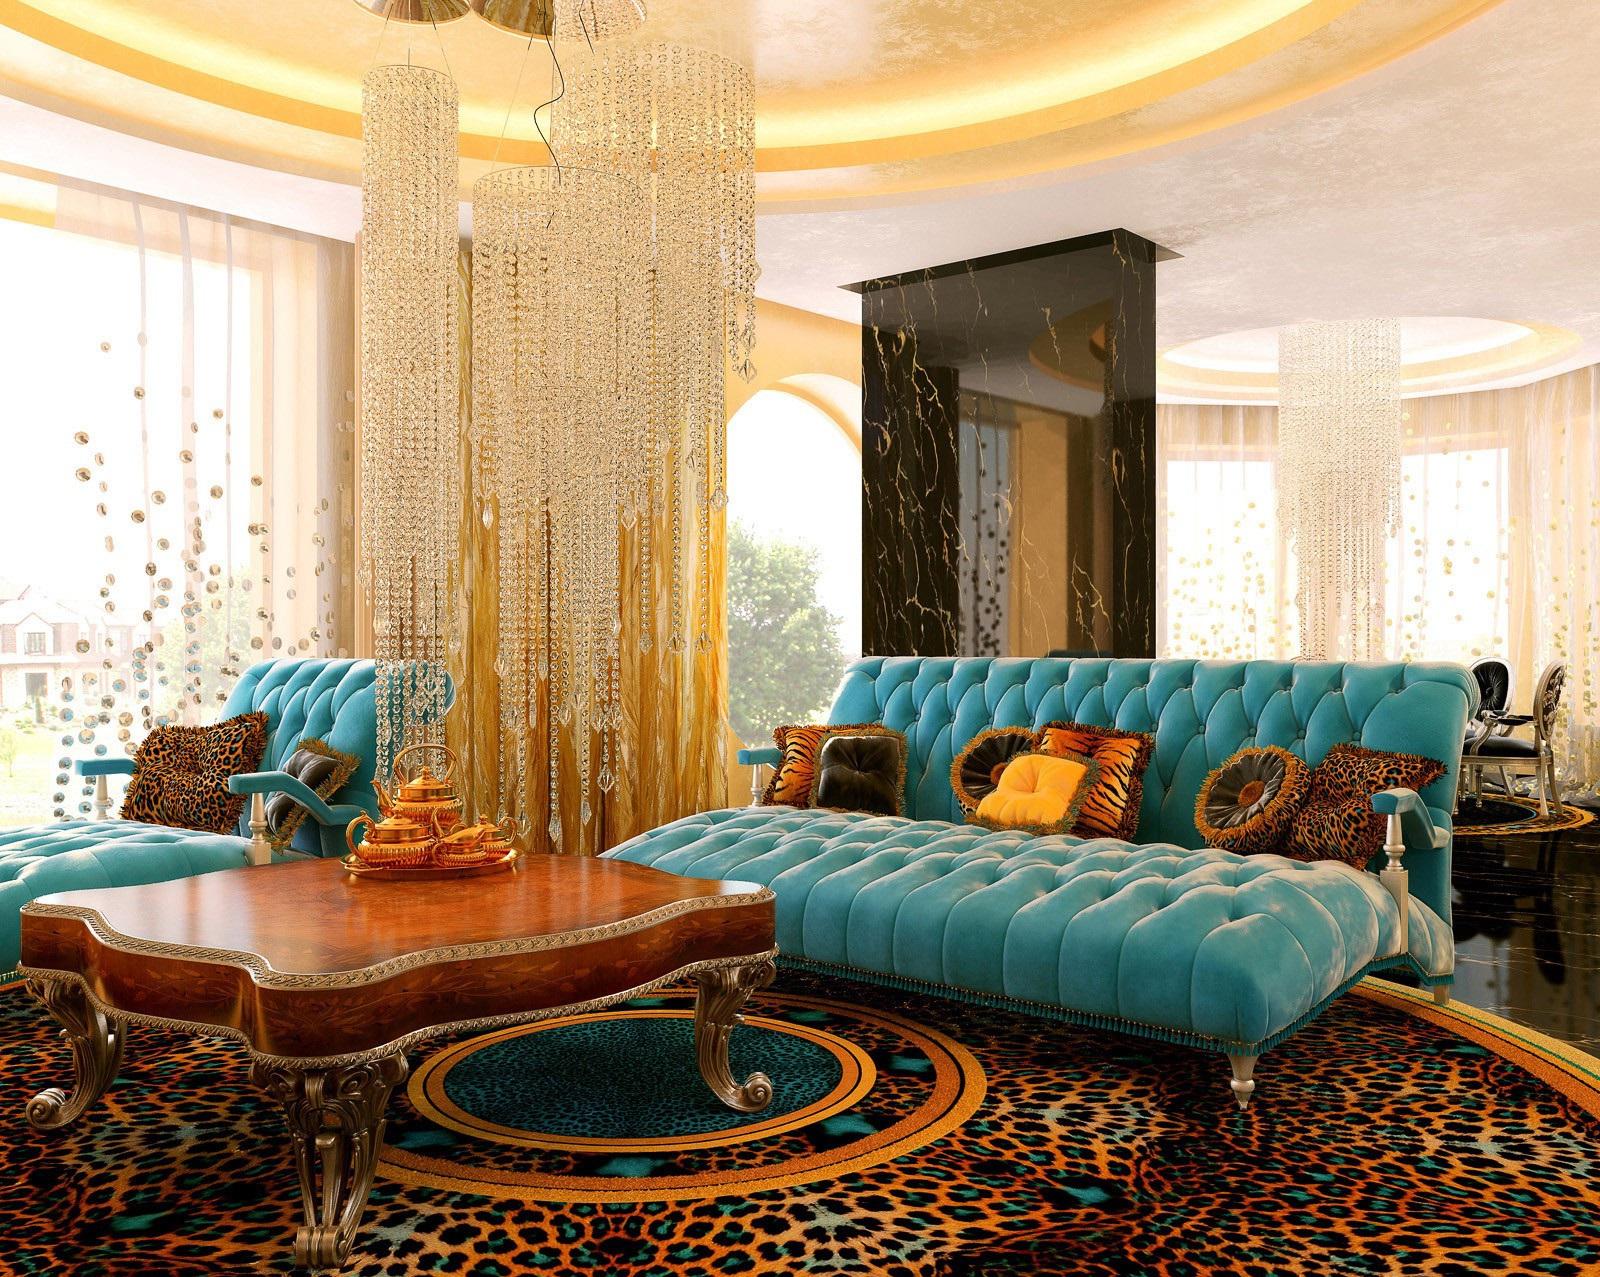 Коричневый, желтый и бирюзовый цвета в роскошной гостиной